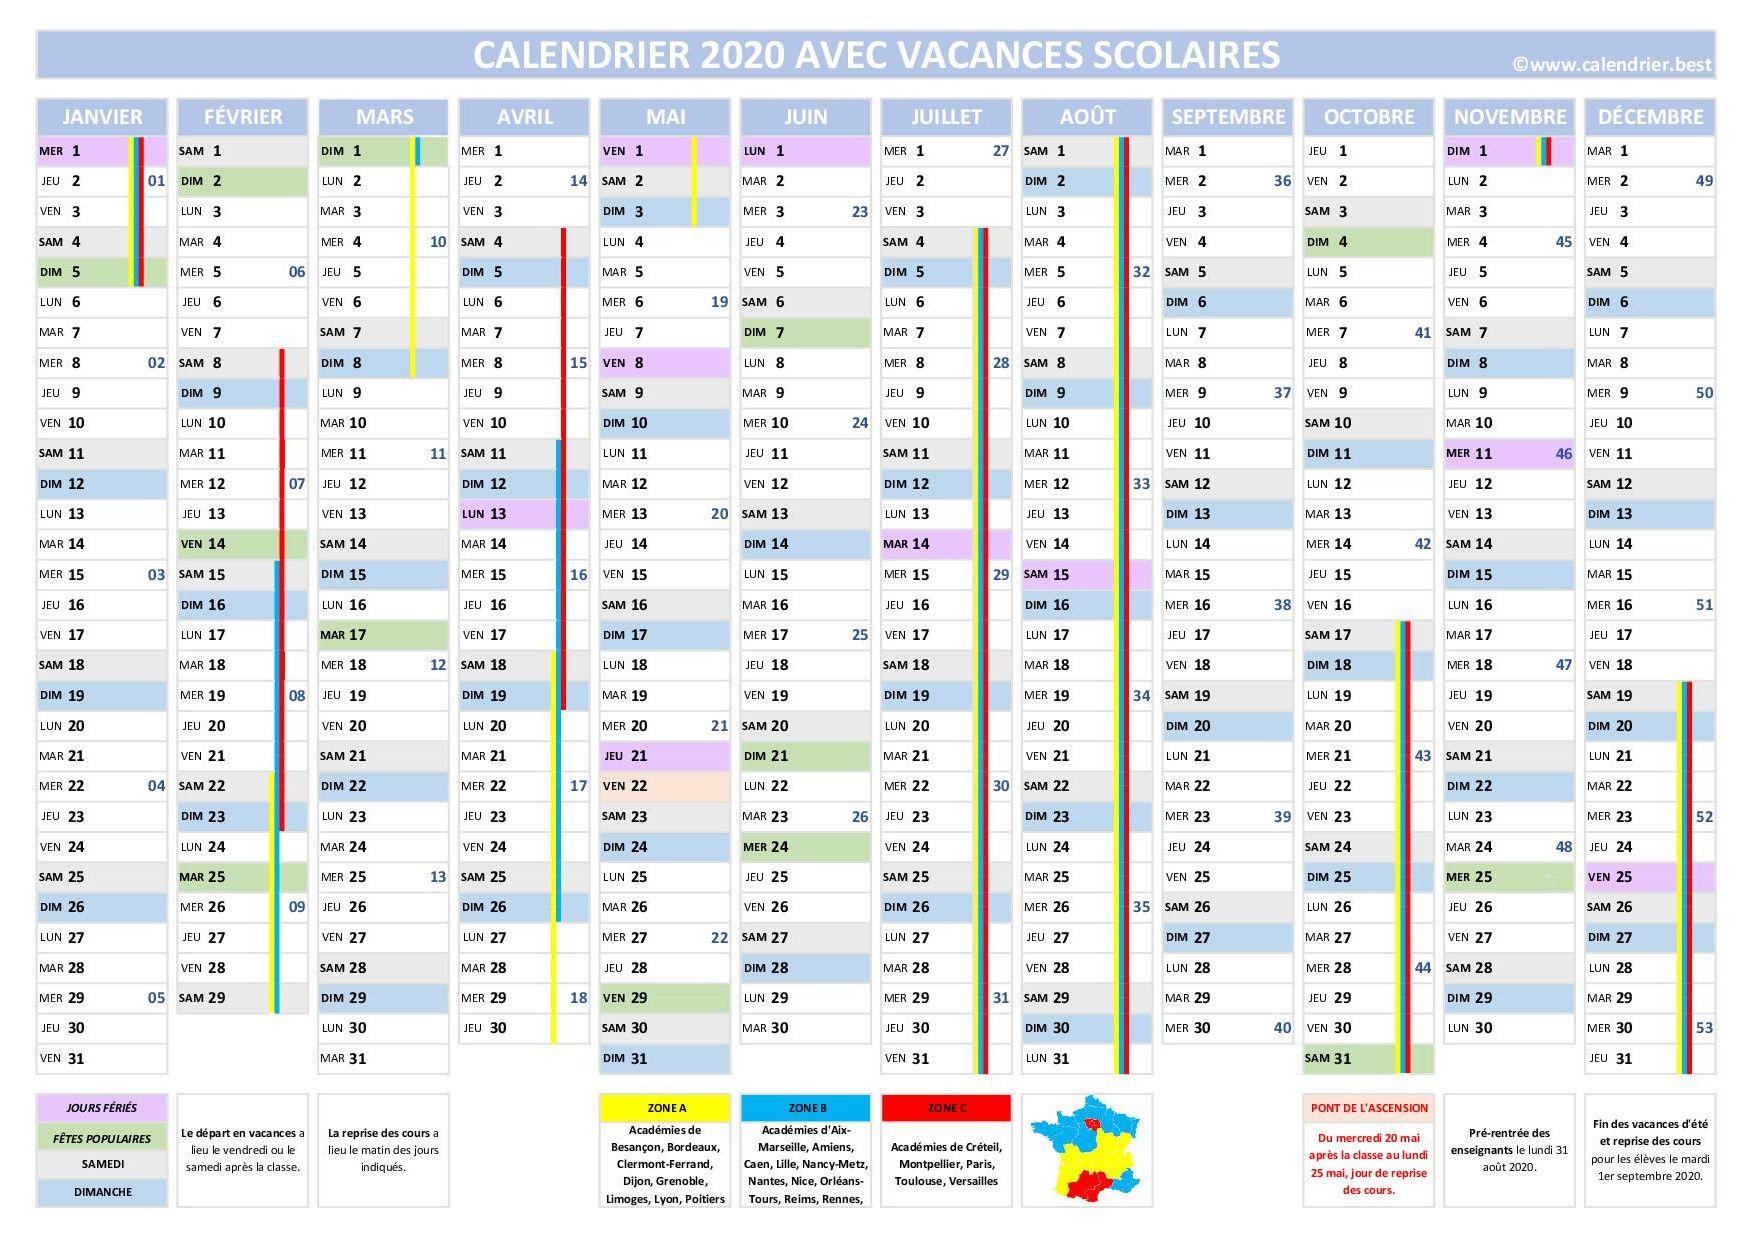 Calendrier 2021 Avec Jours Fériés Vacances Scolaires Gratuit Calendrier 2020 avec vacances scolaires | Calendrier vacances